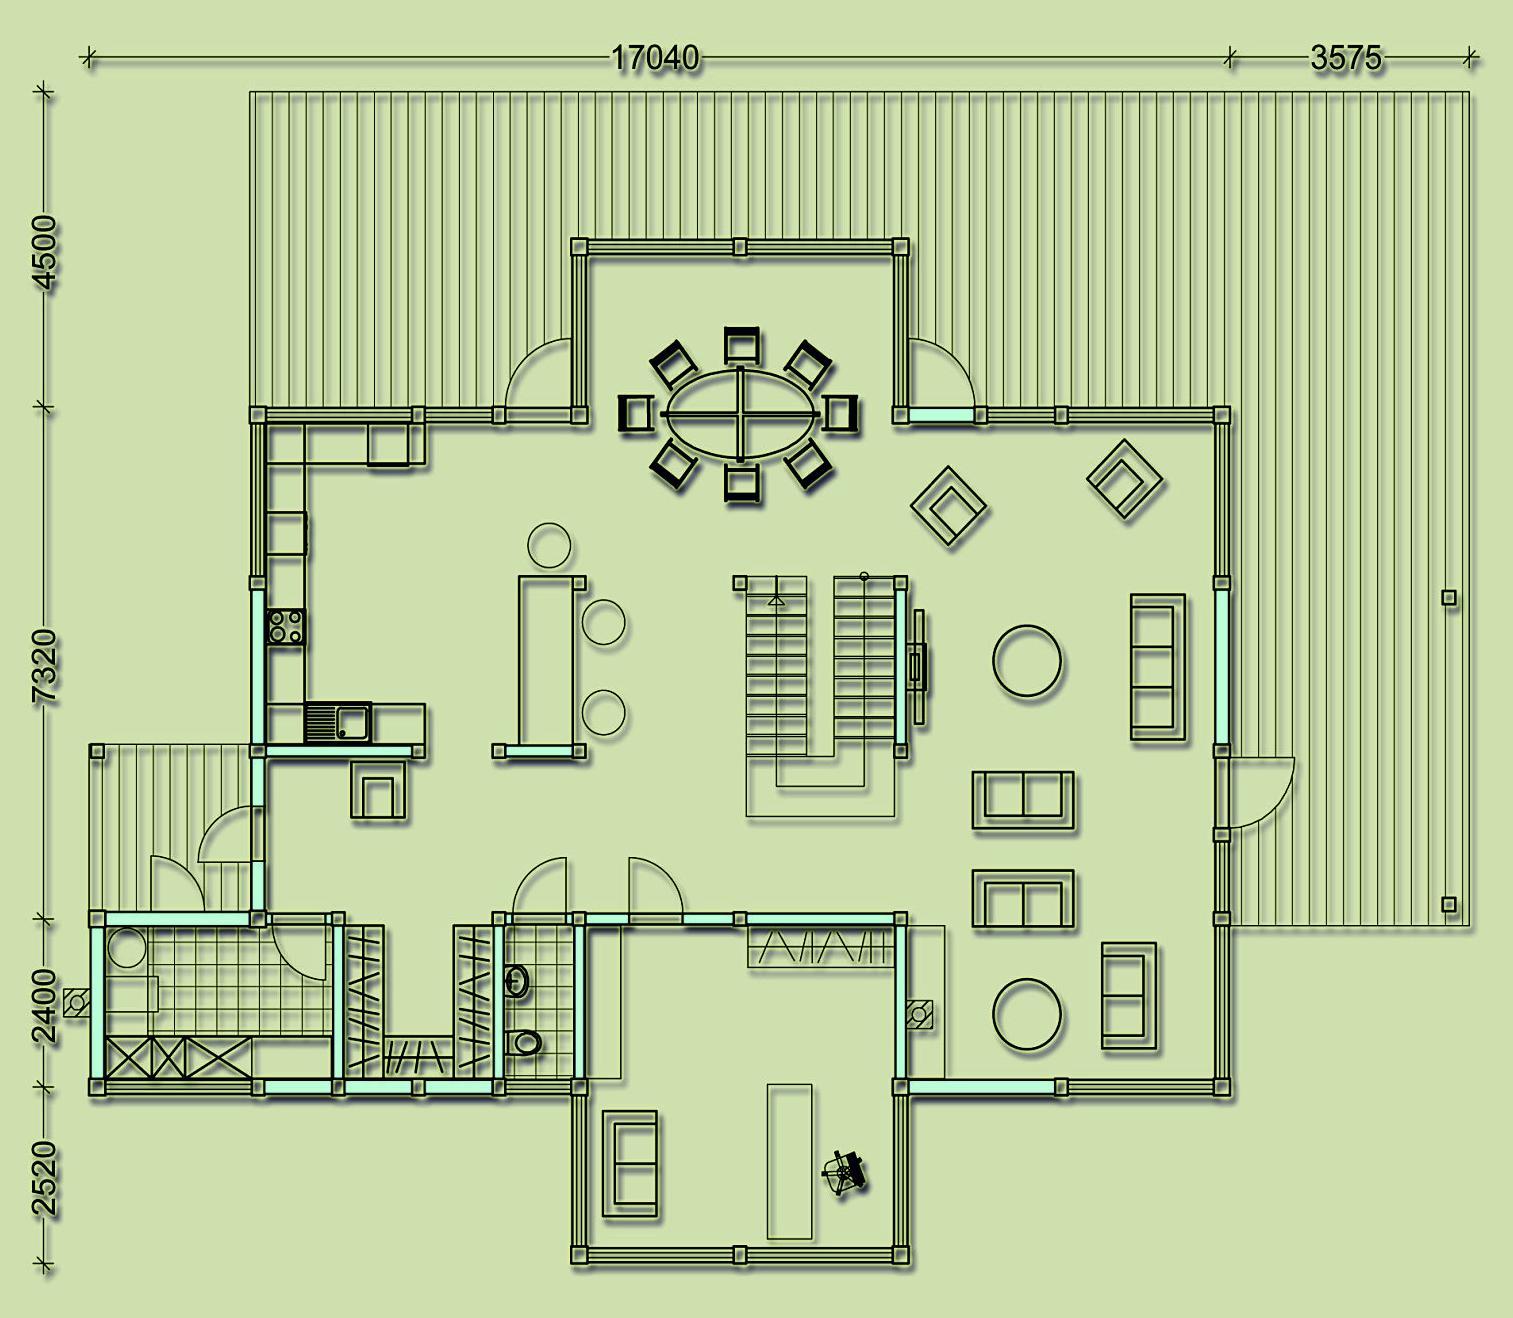 План фахверкового дома